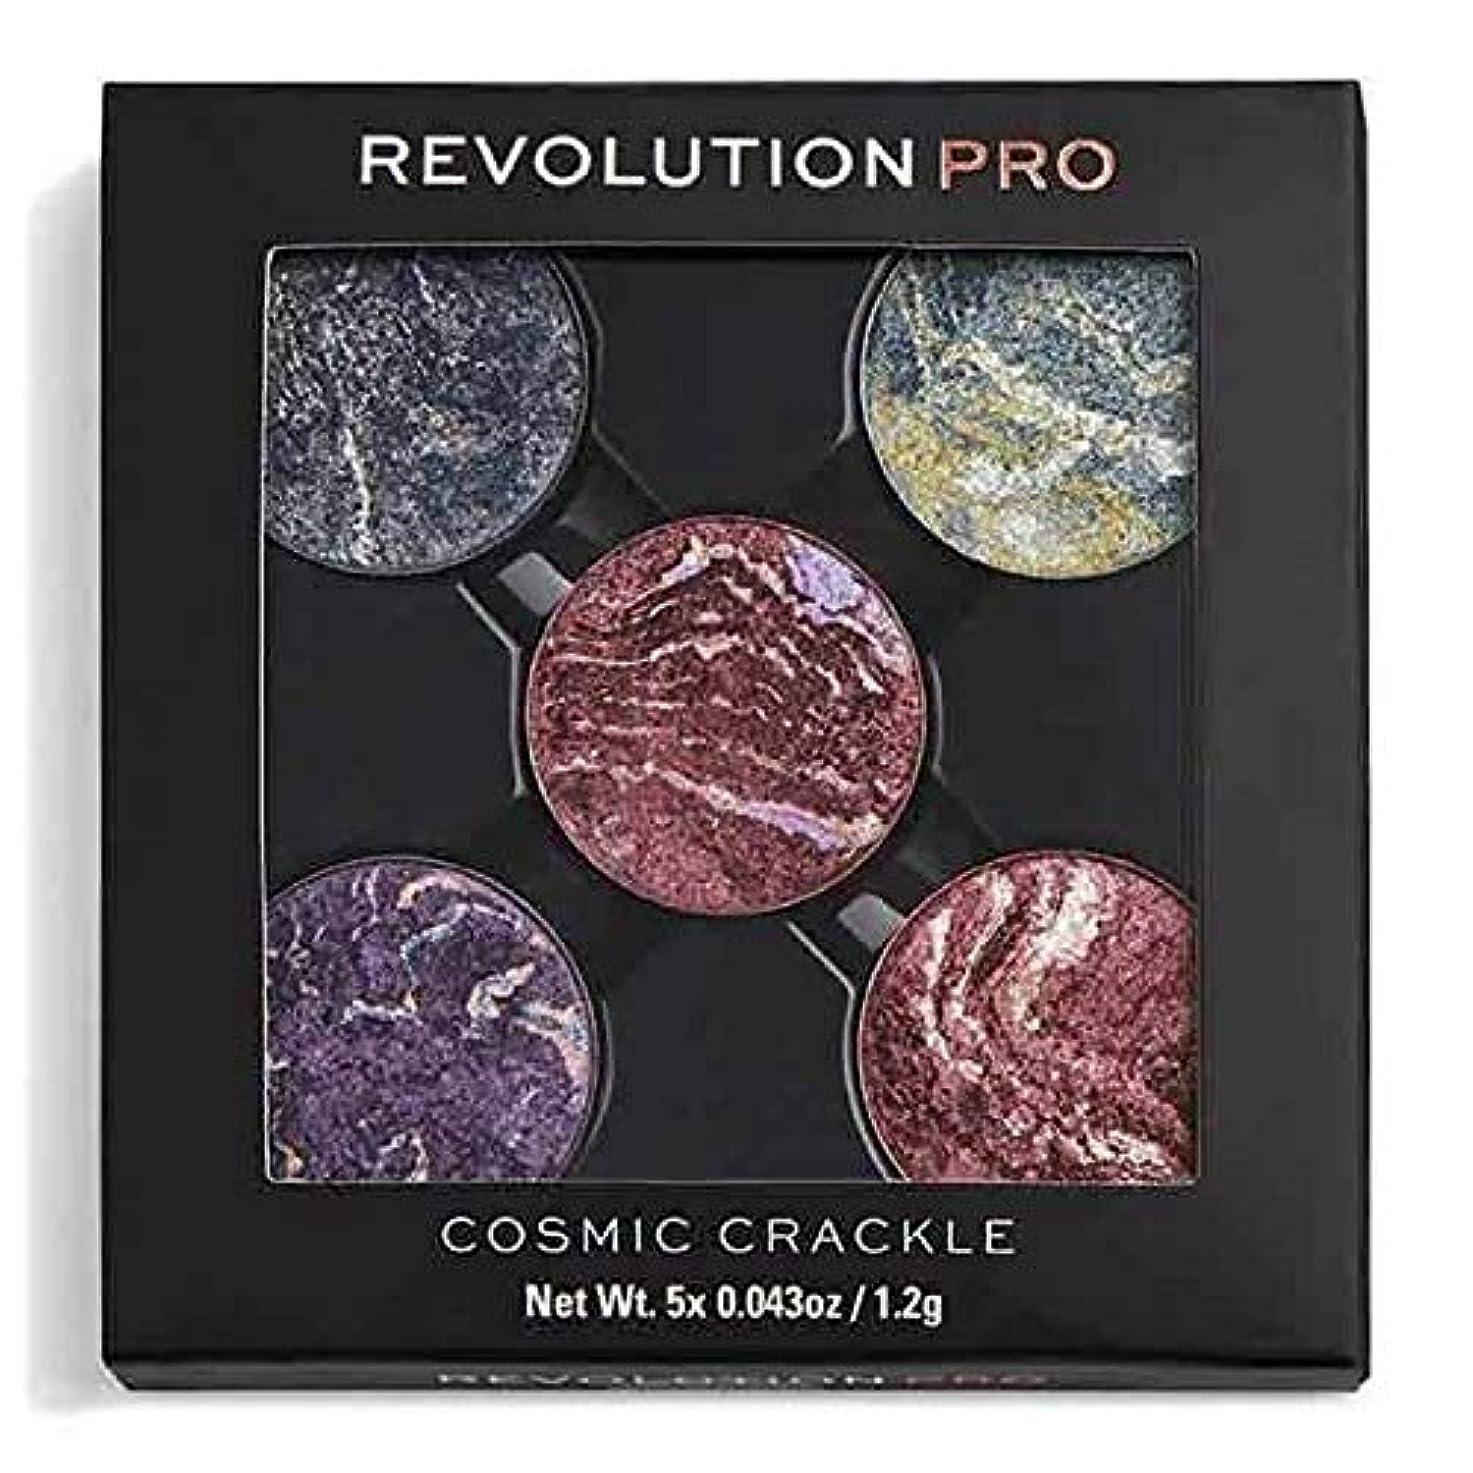 奴隷オーク思いつく[Revolution ] 革命プロリフィルアイシャドウは、宇宙クラックルをパック - Revolution Pro Refill Eyeshadow Pack Cosmic Crackle [並行輸入品]